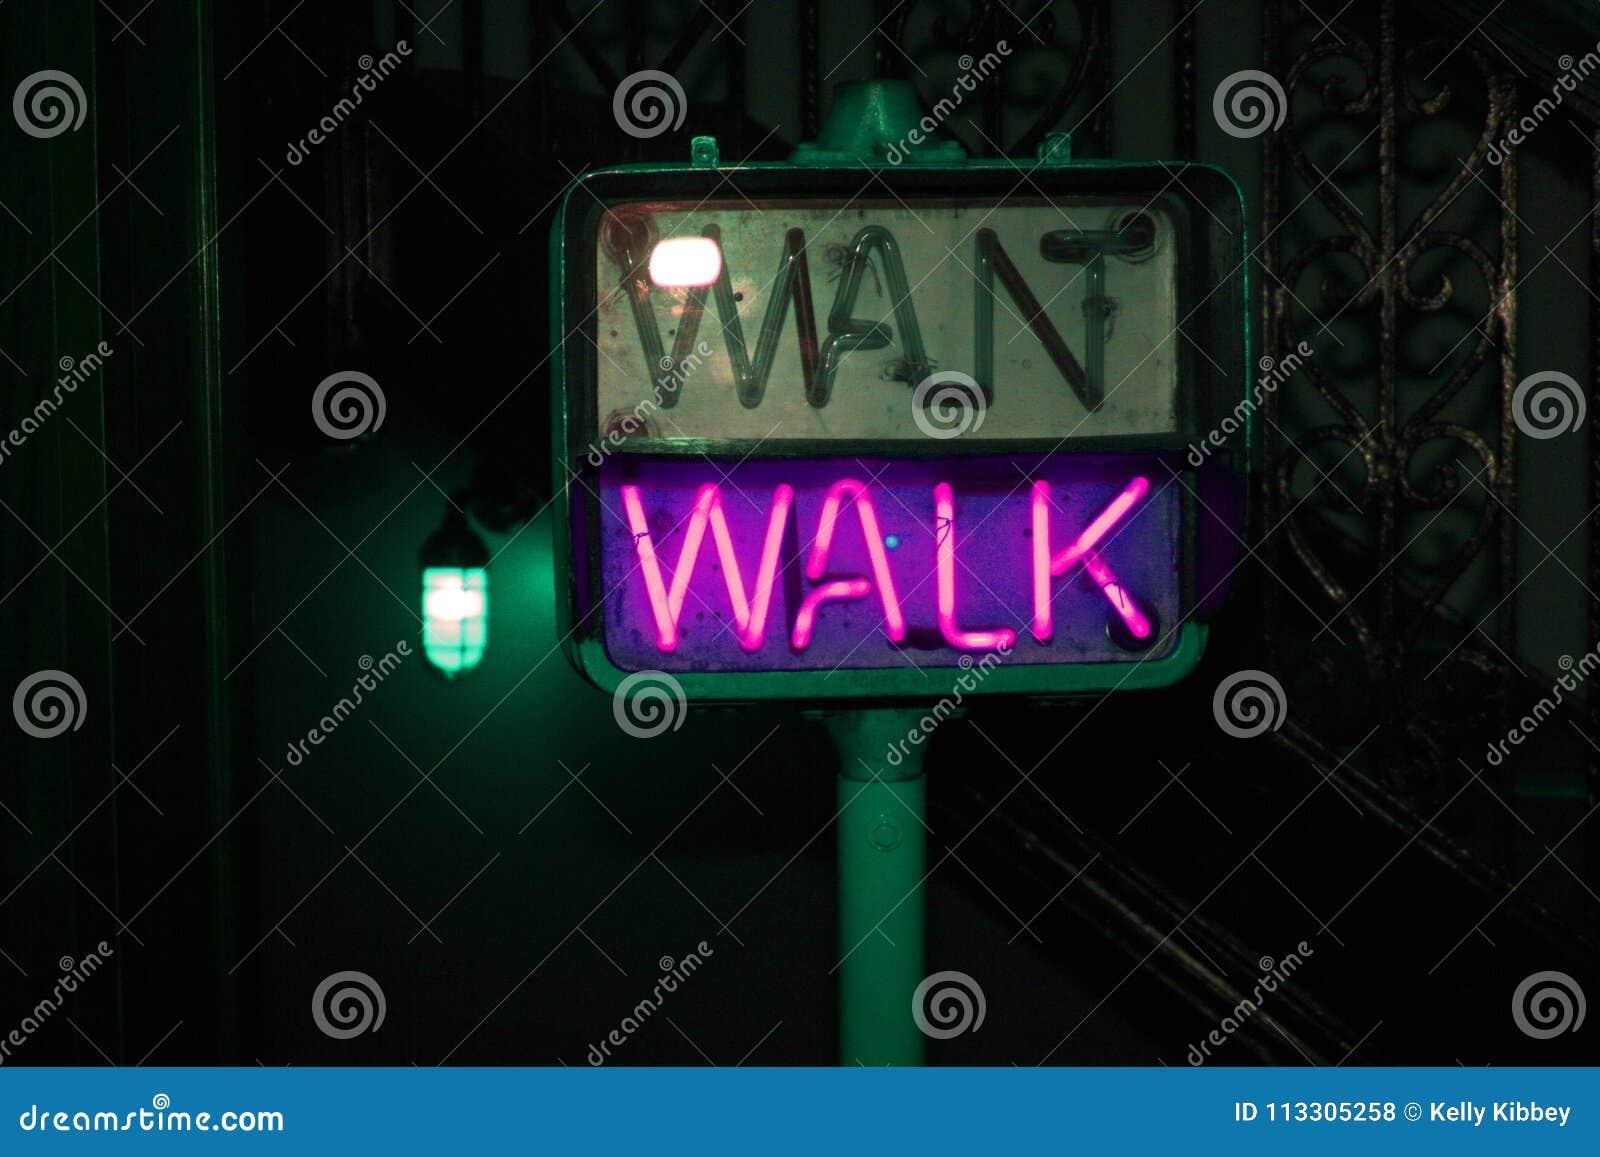 Glowing Purple Pedestrian Crosswalk Sign